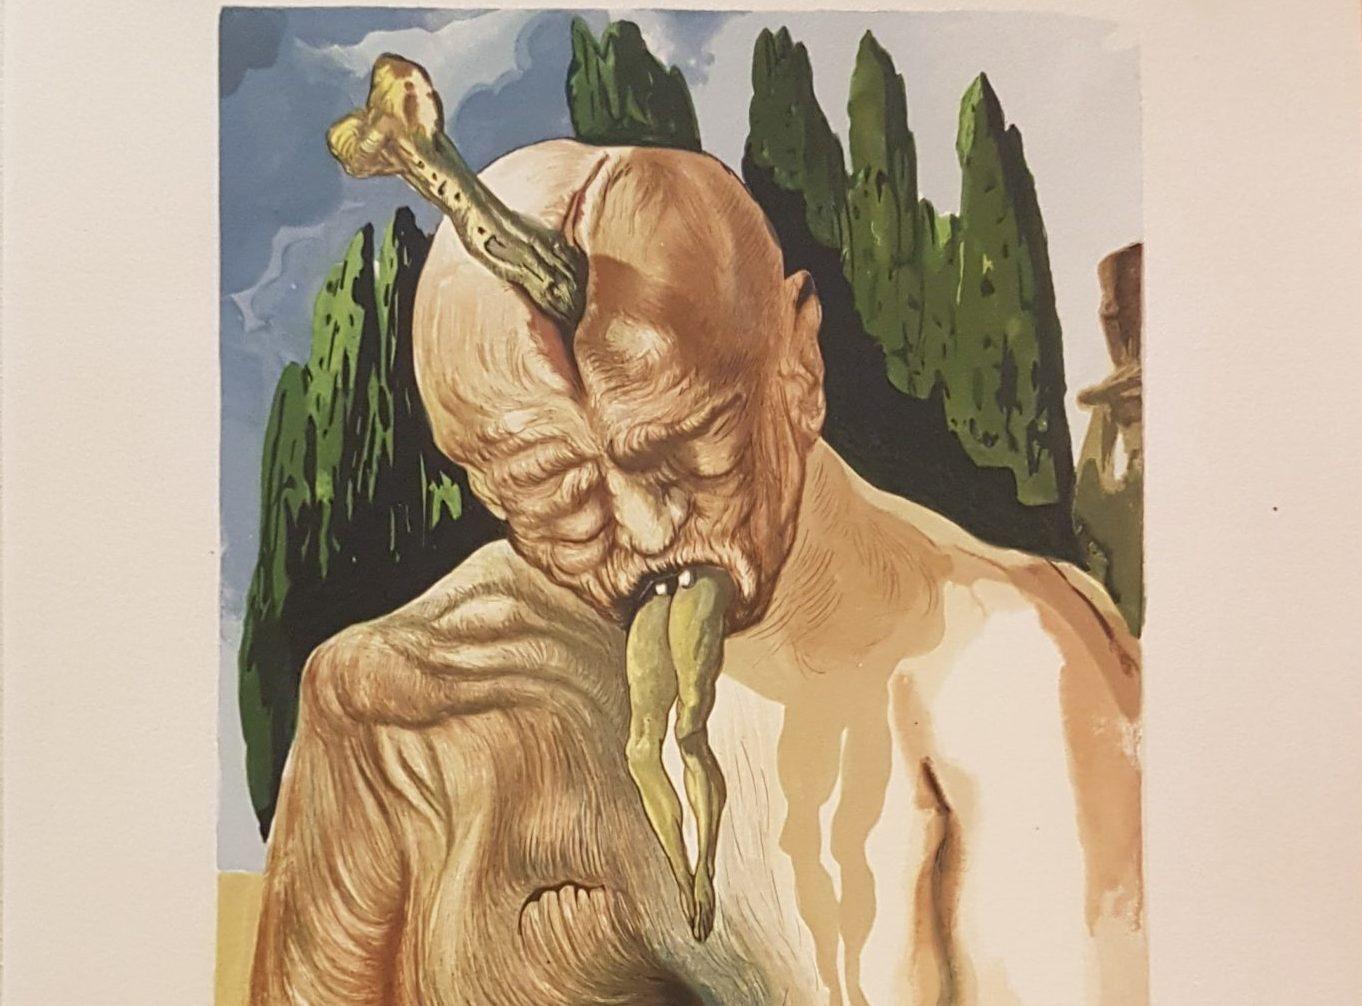 La Divina Commedia secondo Dalì: le illustrazioni che raccontano Dante, a Milano